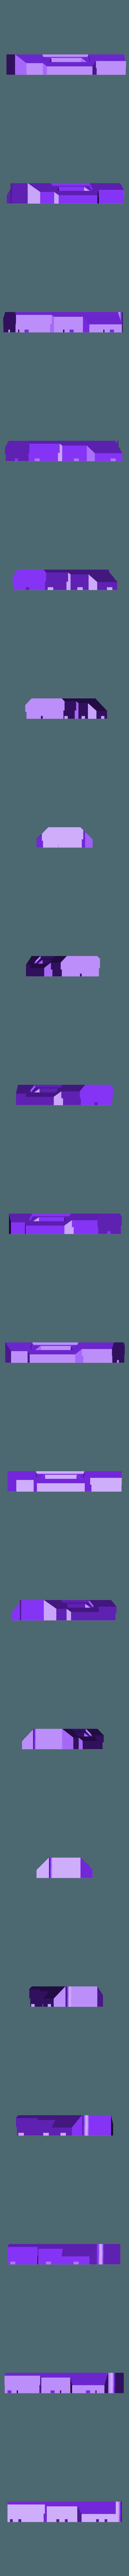 Top_3_1.stl Télécharger fichier STL gratuit Le concept du fusil Khan de Marvels The Exiles • Plan pour imprimante 3D, Dsk